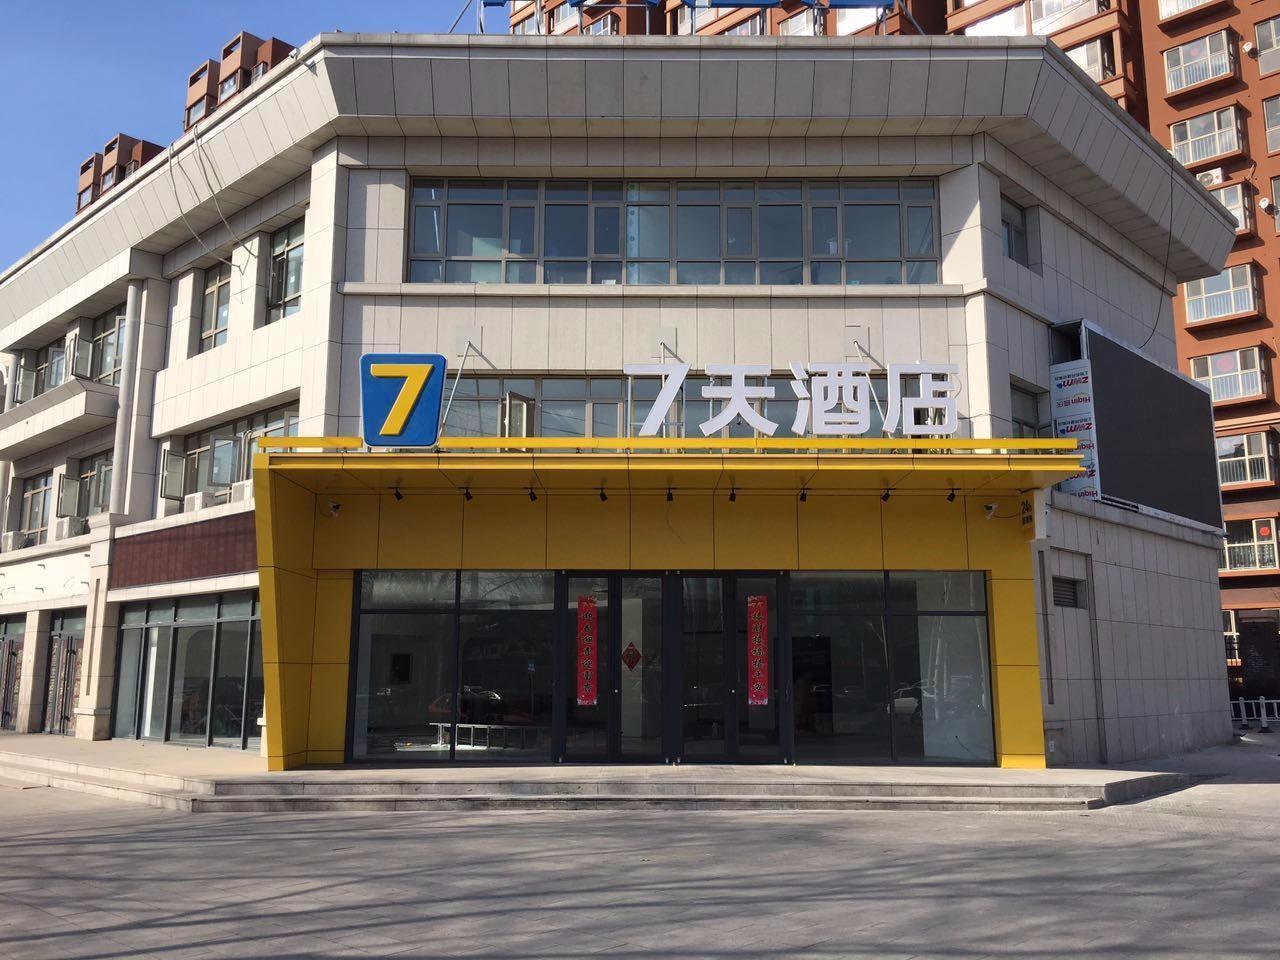 7 Days Inn�Zhangjiakou Huailai